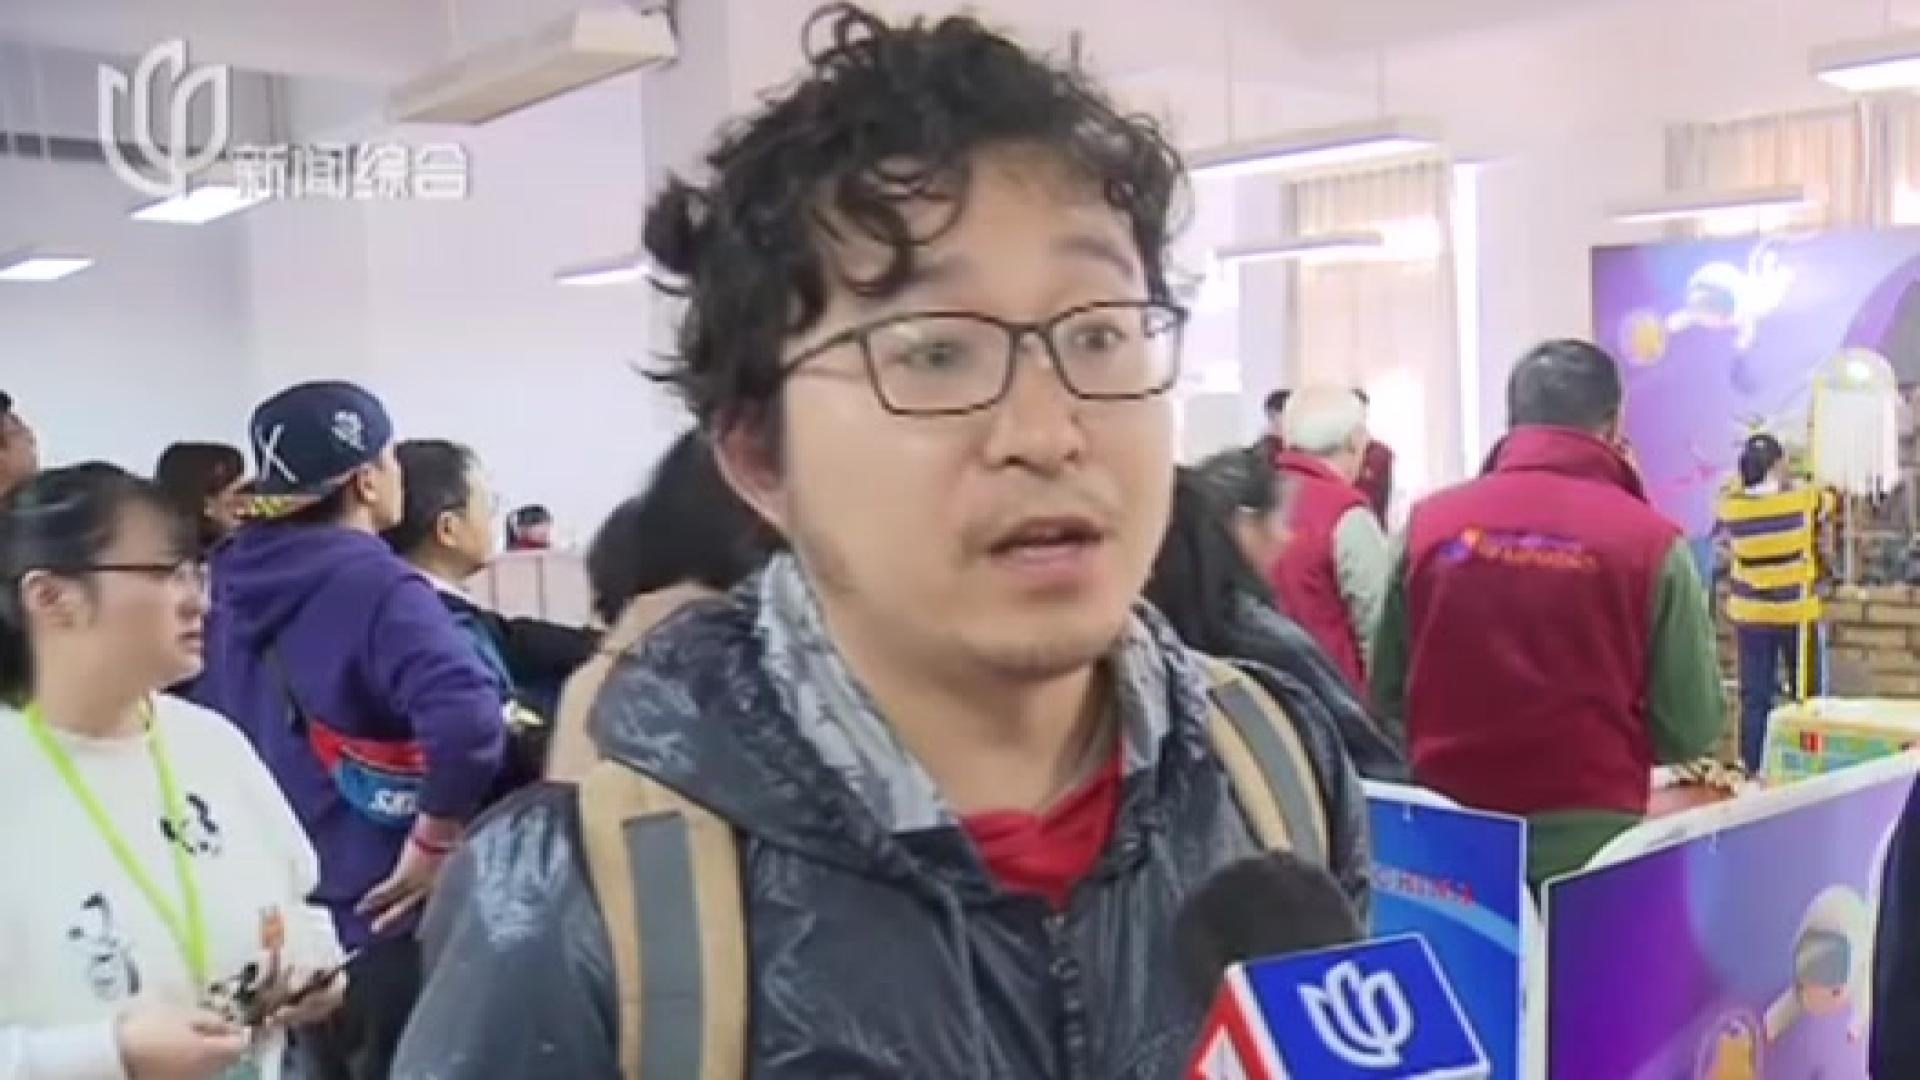 上海:DI大赛激发创新思维  今年首次引入幼儿园战队